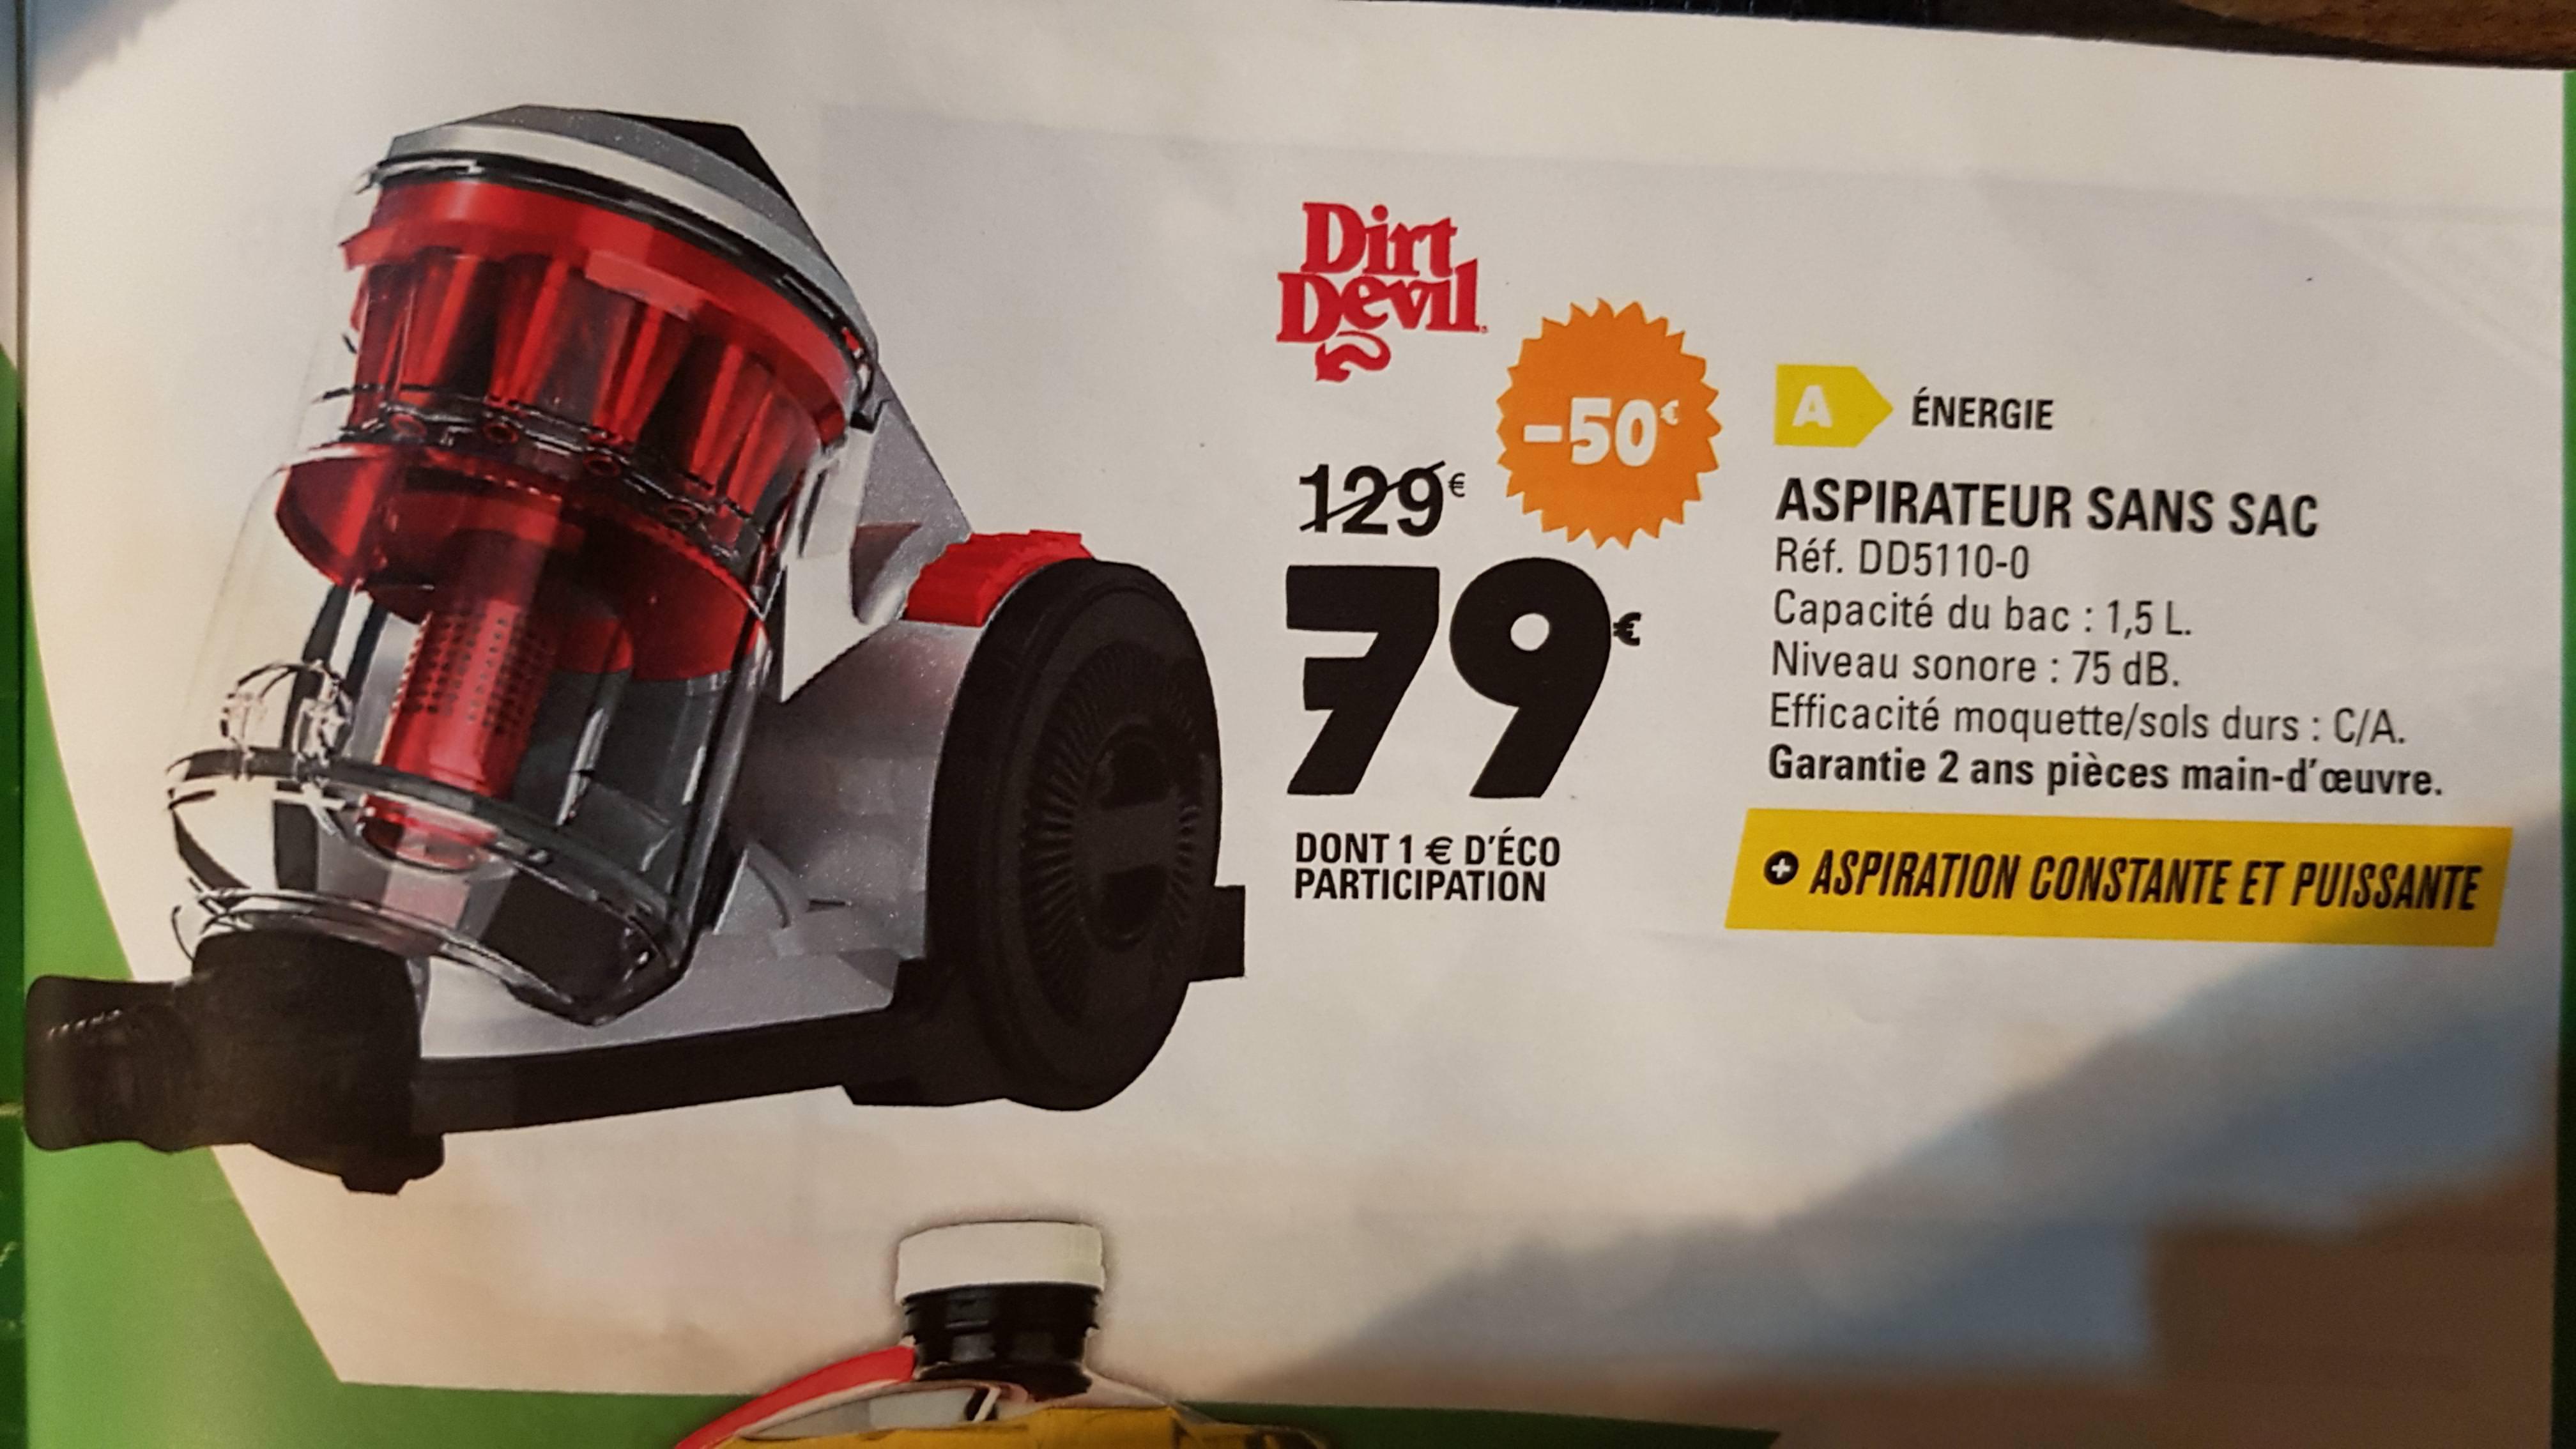 Aspirateur traîneau sans-sac Dirt Devil Dirt Devil DD5110-0